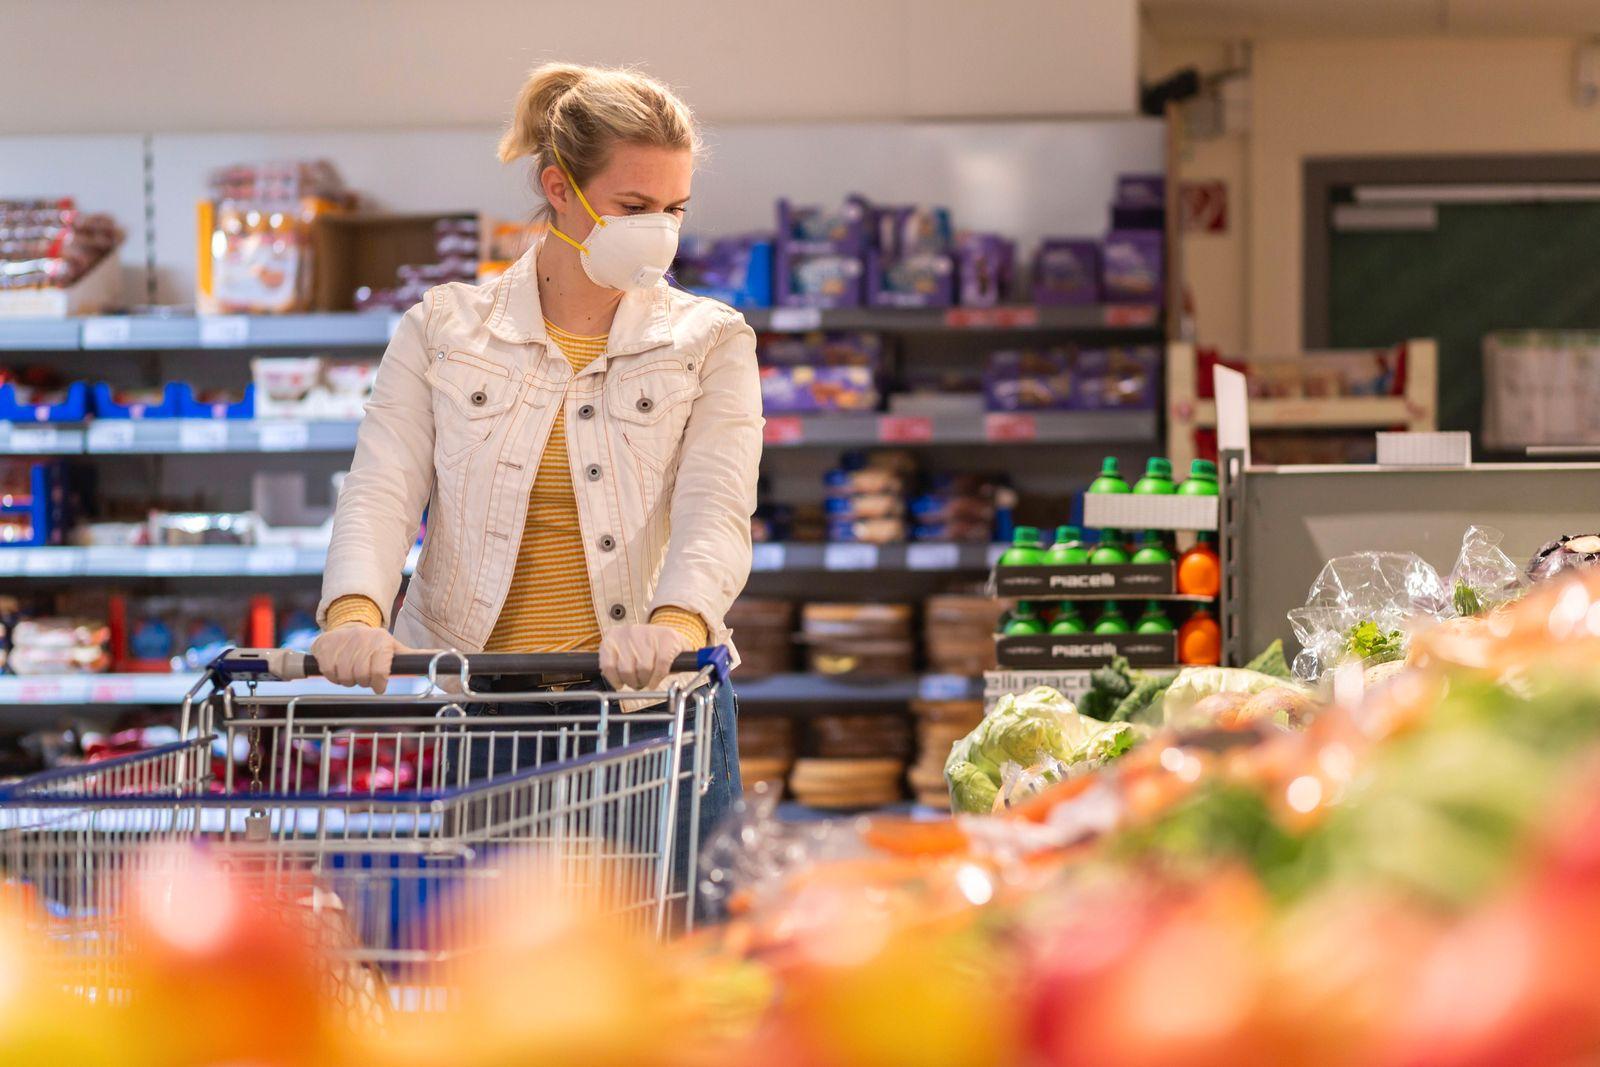 Einkaufen mit Maske, Corona, Covid-19, junge Frau, Supermarkt, einkaufen, Lebensmittel, Toilettenpapier, Schutzmaske, Gu